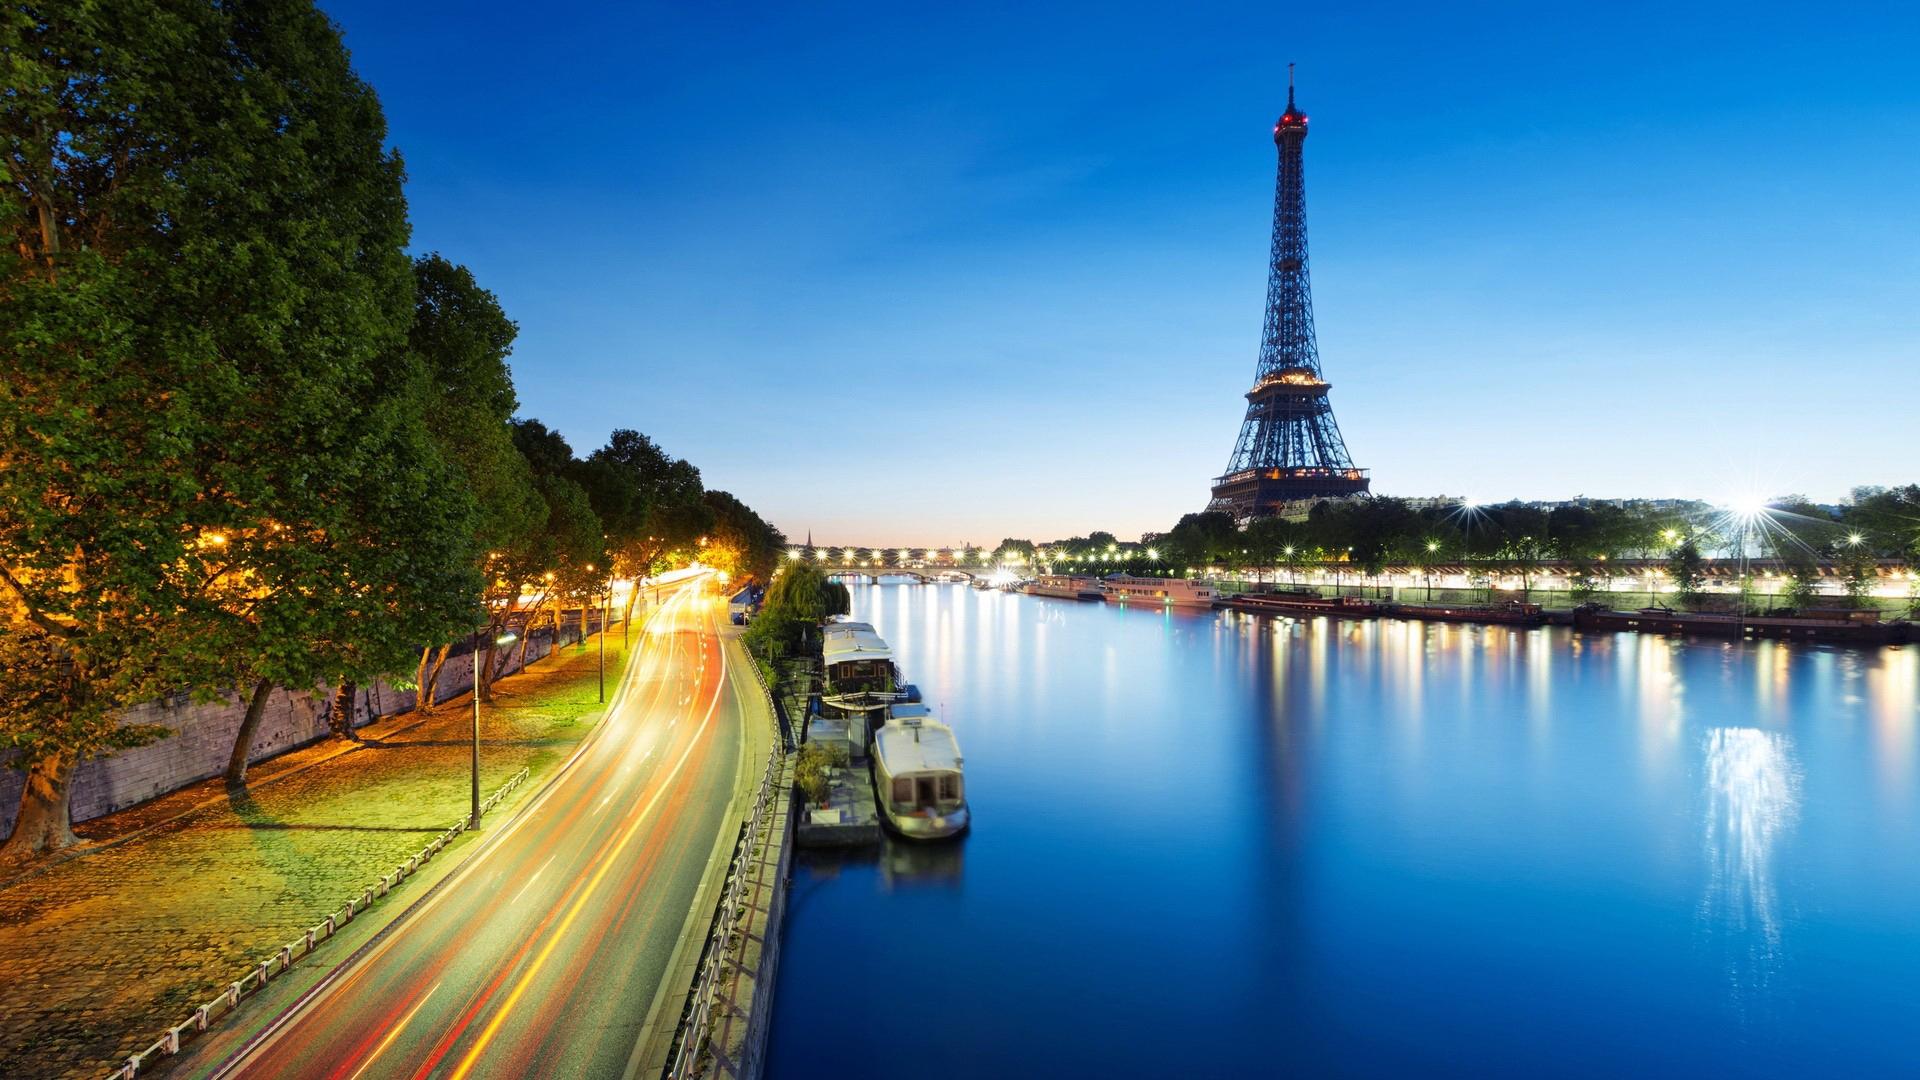 Sunset Eiffel Tower Wallpaper Hd